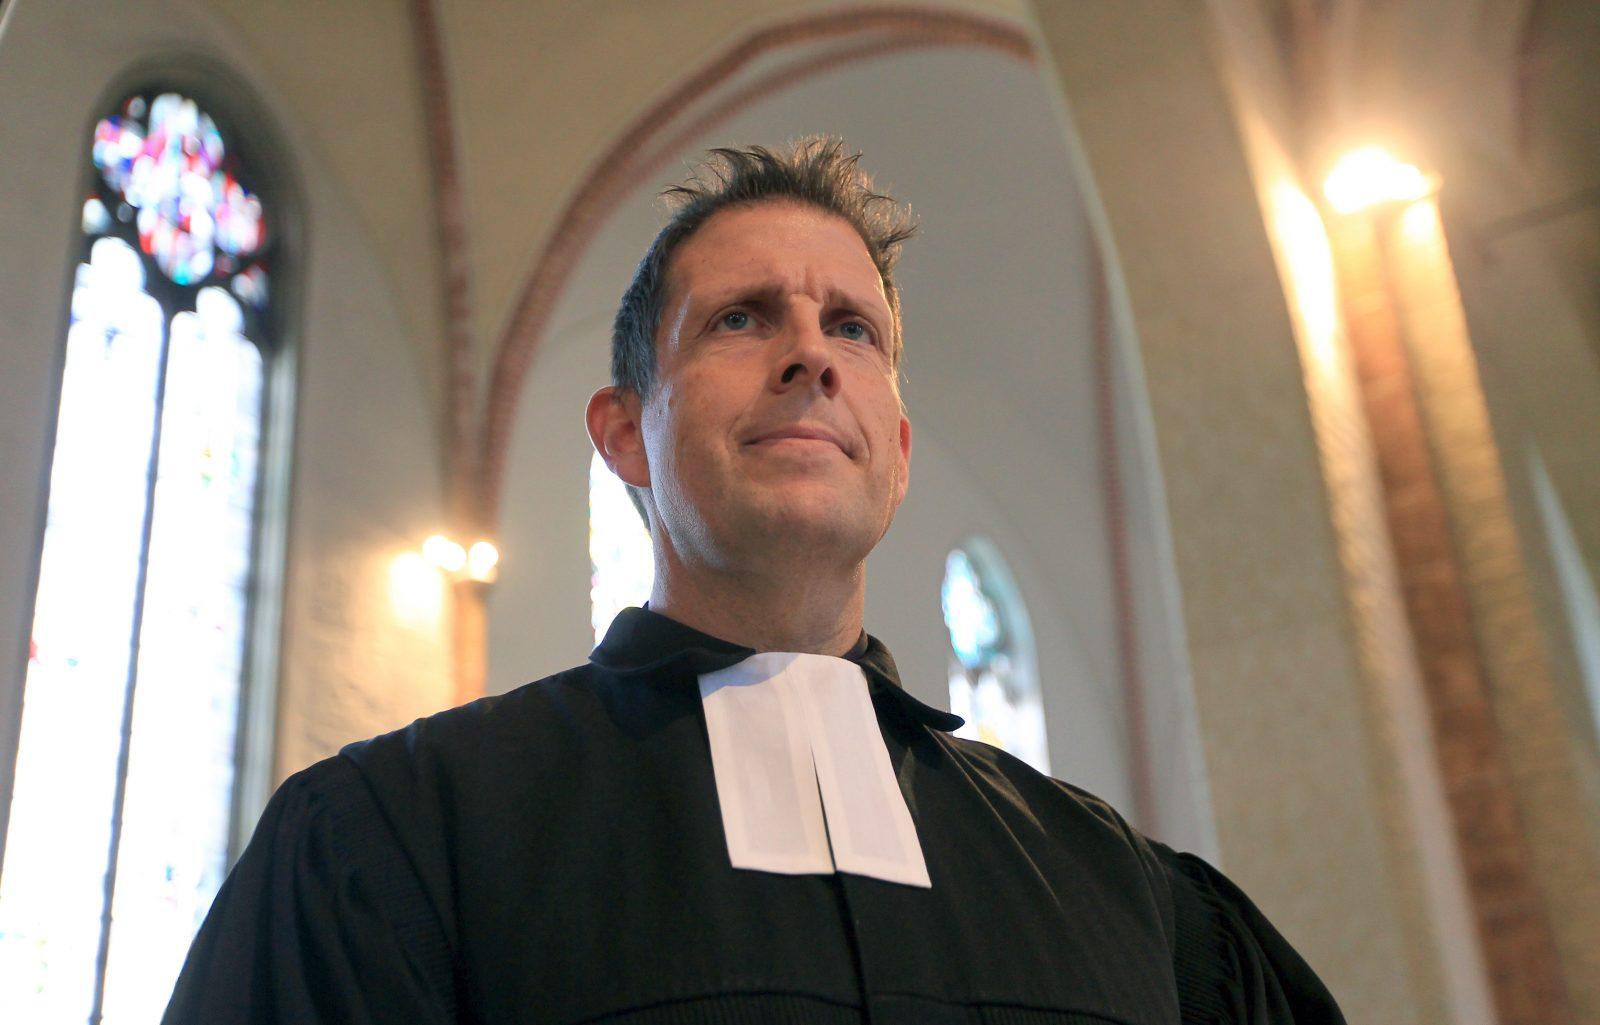 Pastor Olaf Latzel